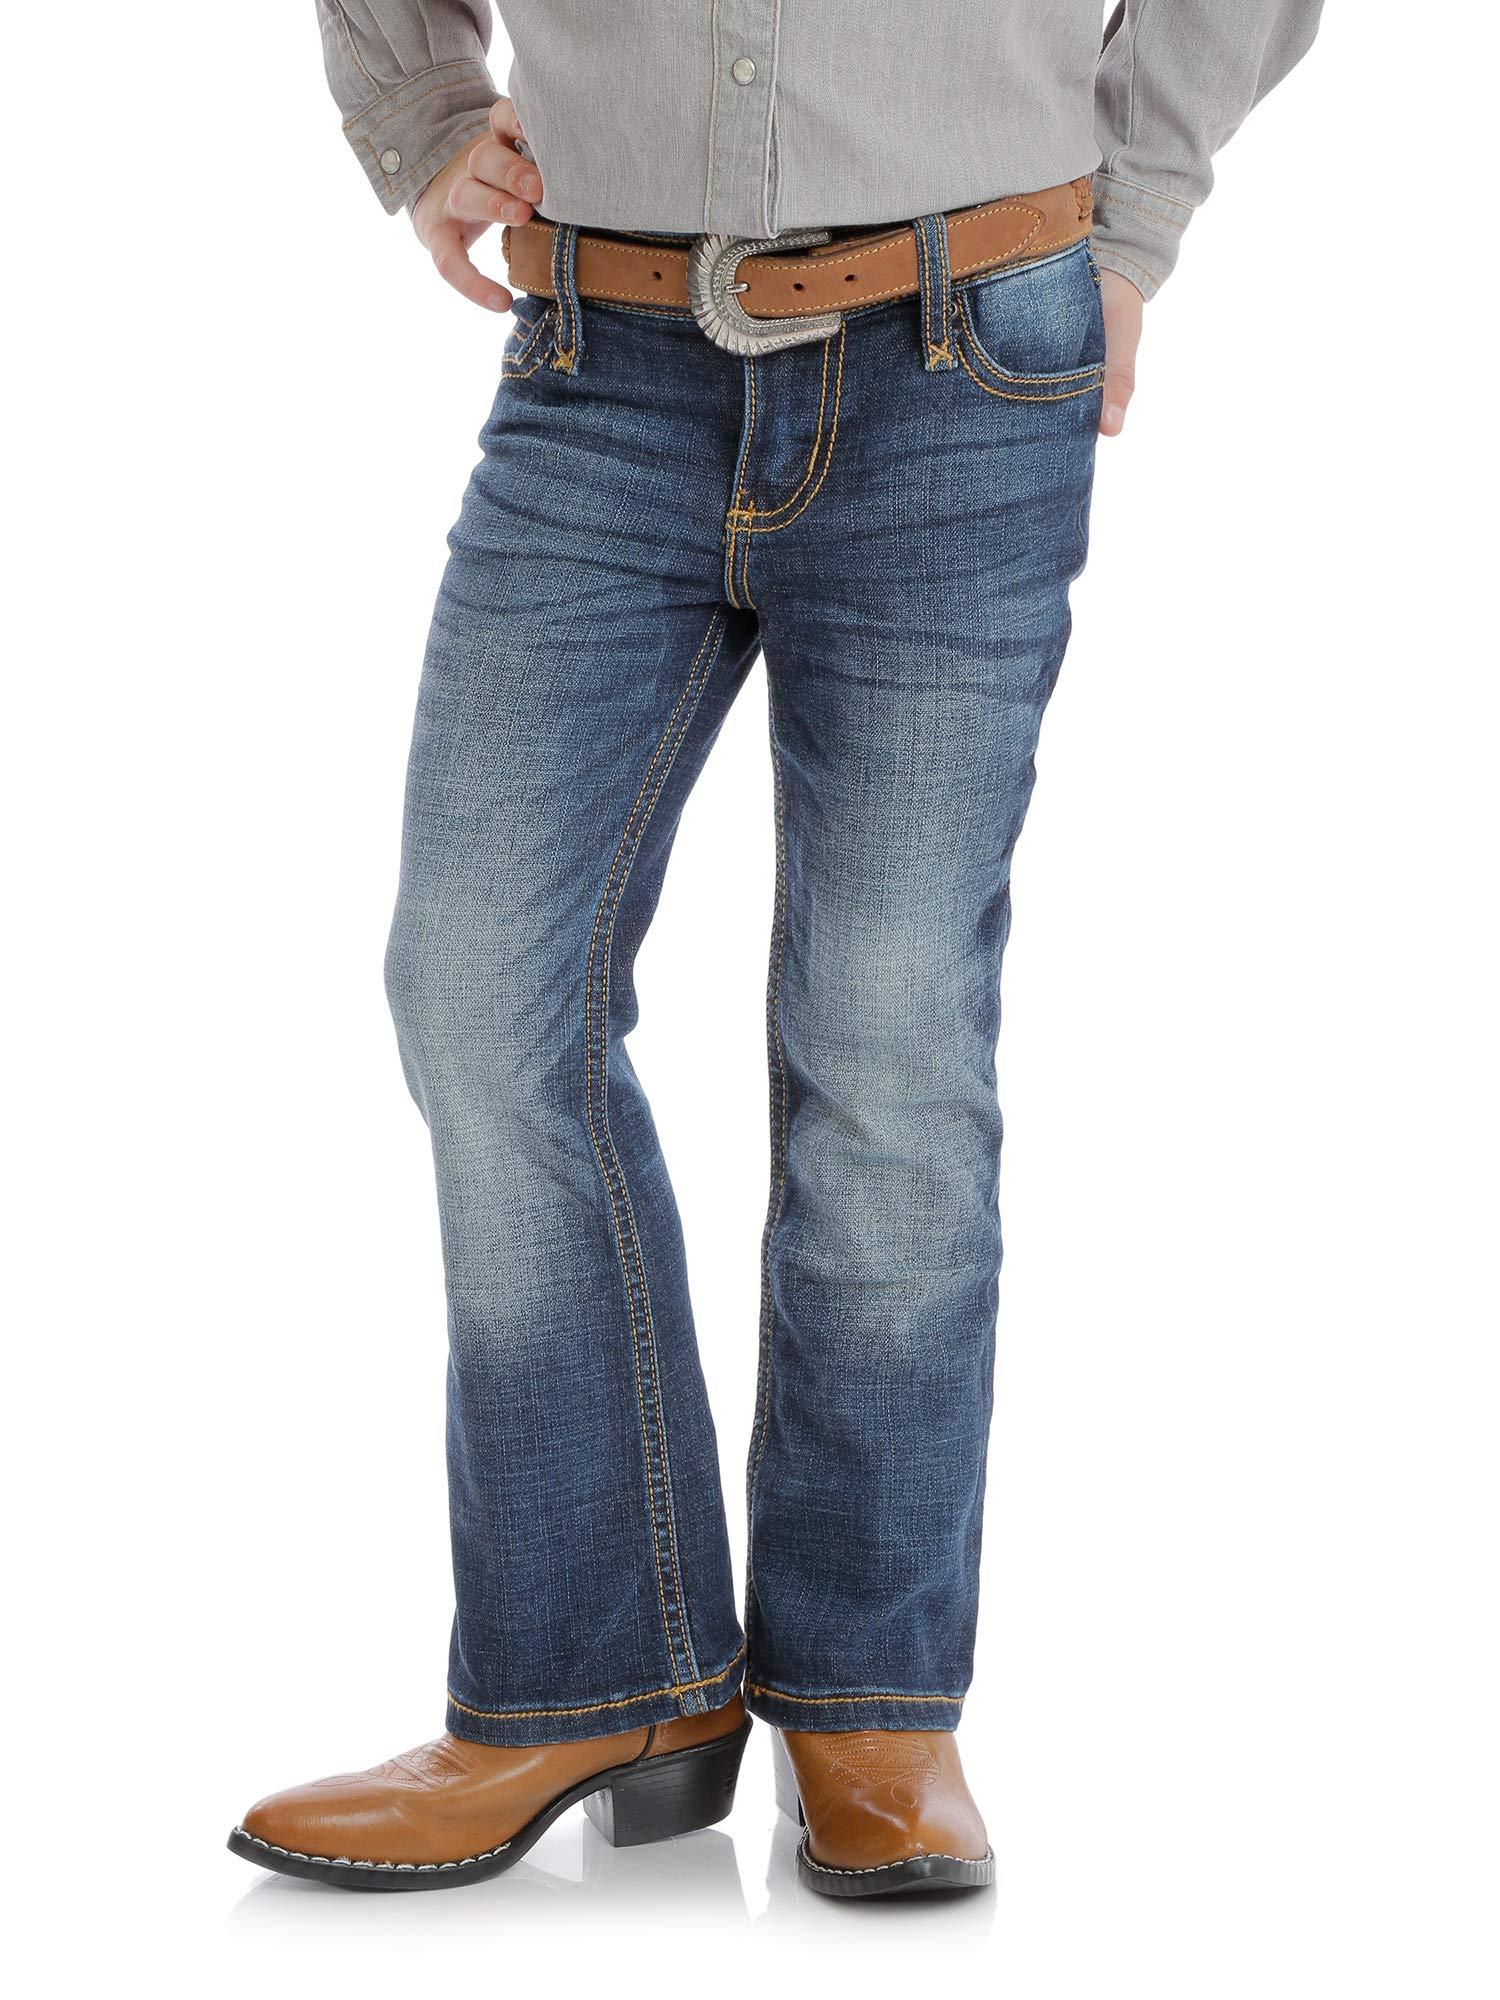 Wrangler Girls' Little Retro Stretch Boot Cut Jeans, Medium Blue, 4 REG by Wrangler